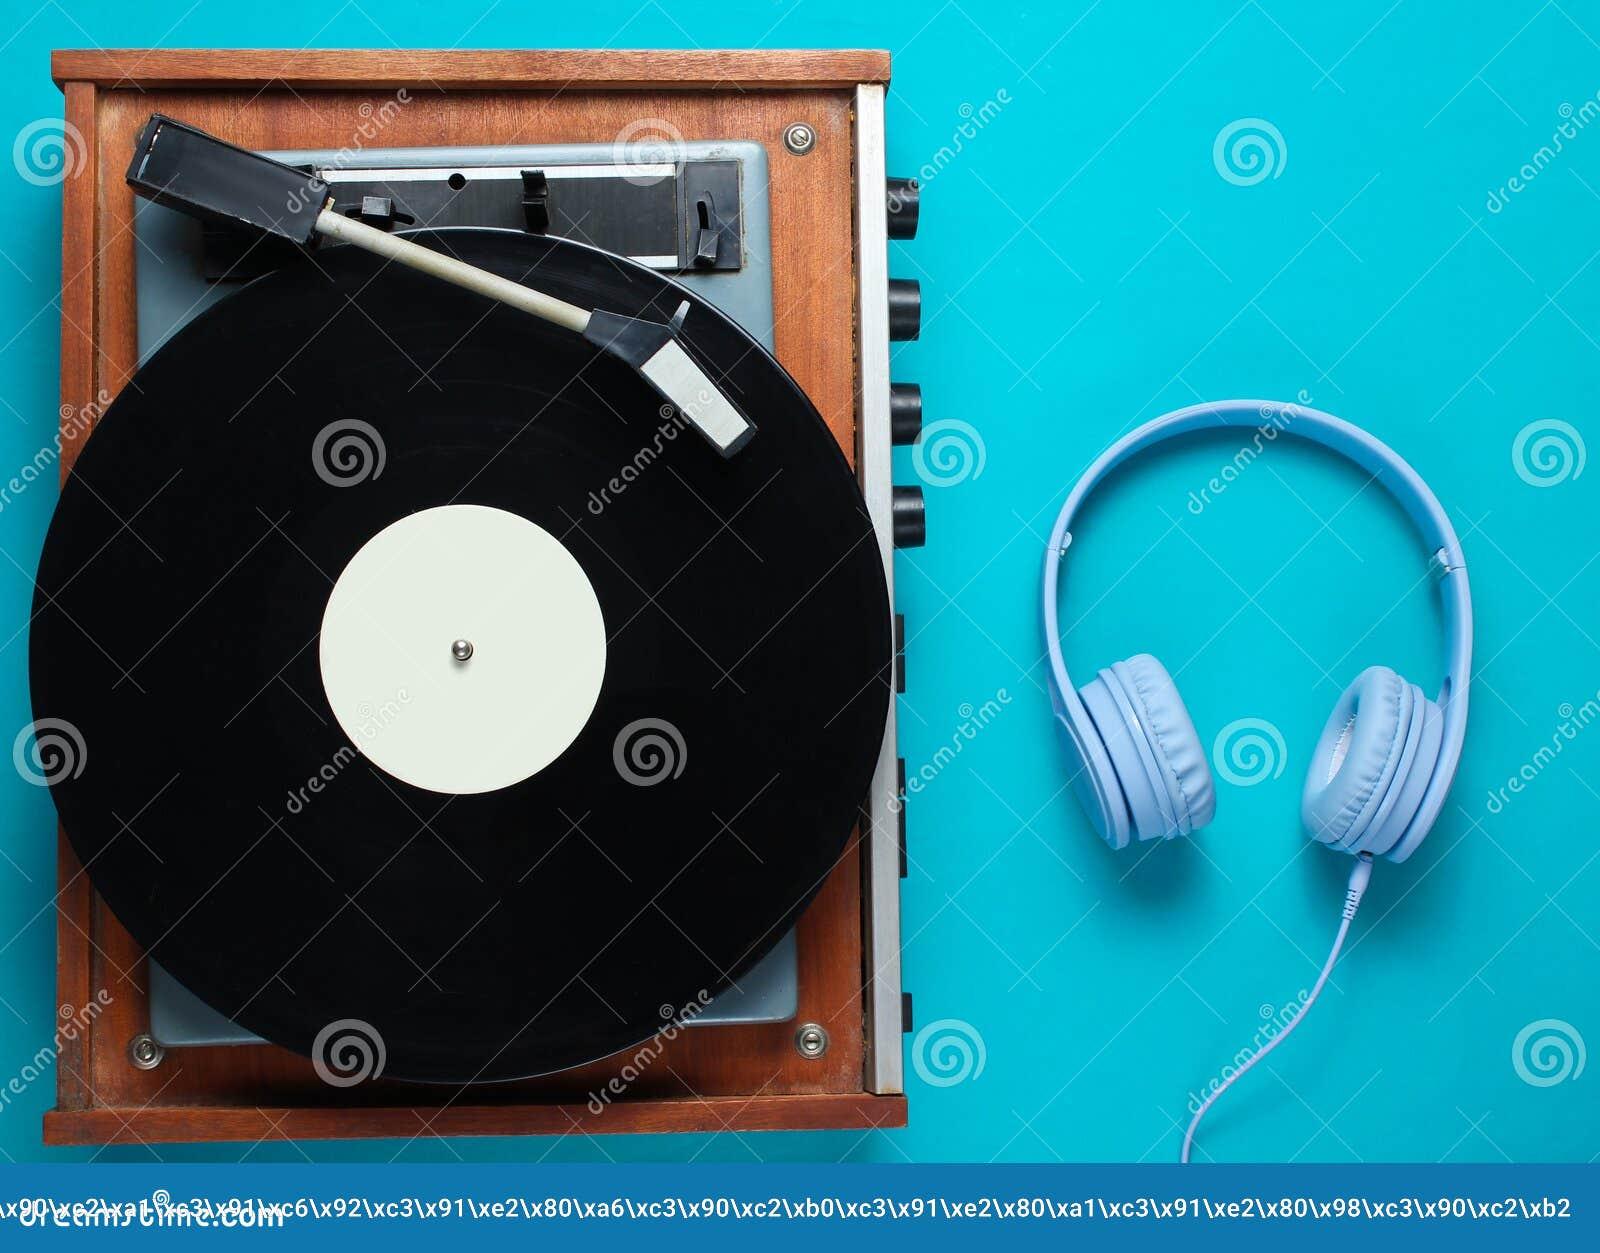 Retro vinyl record player, headphones